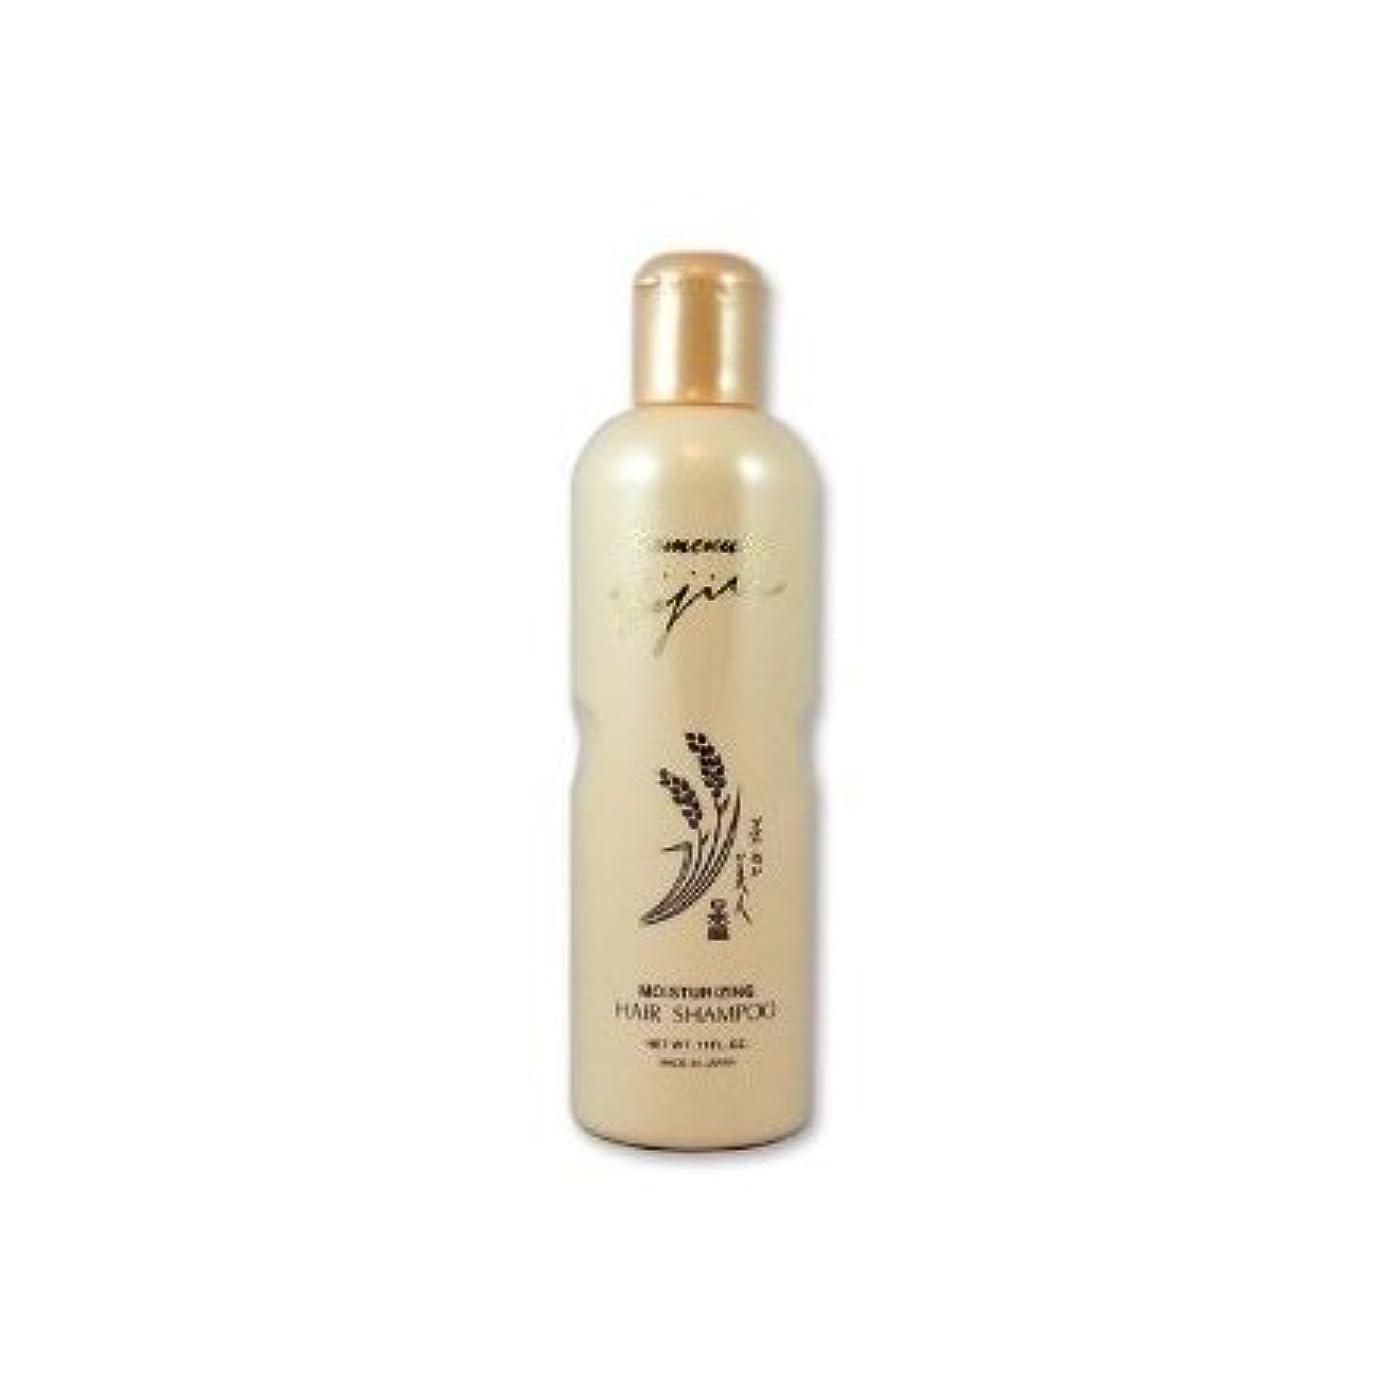 ビリーヤギ晴れ多分Komenuka Bijin Moisturizing Hair Shampoo With Natural Rice Bran - 11 Fl Oz by KOMENUKA BIJIN / NS-K